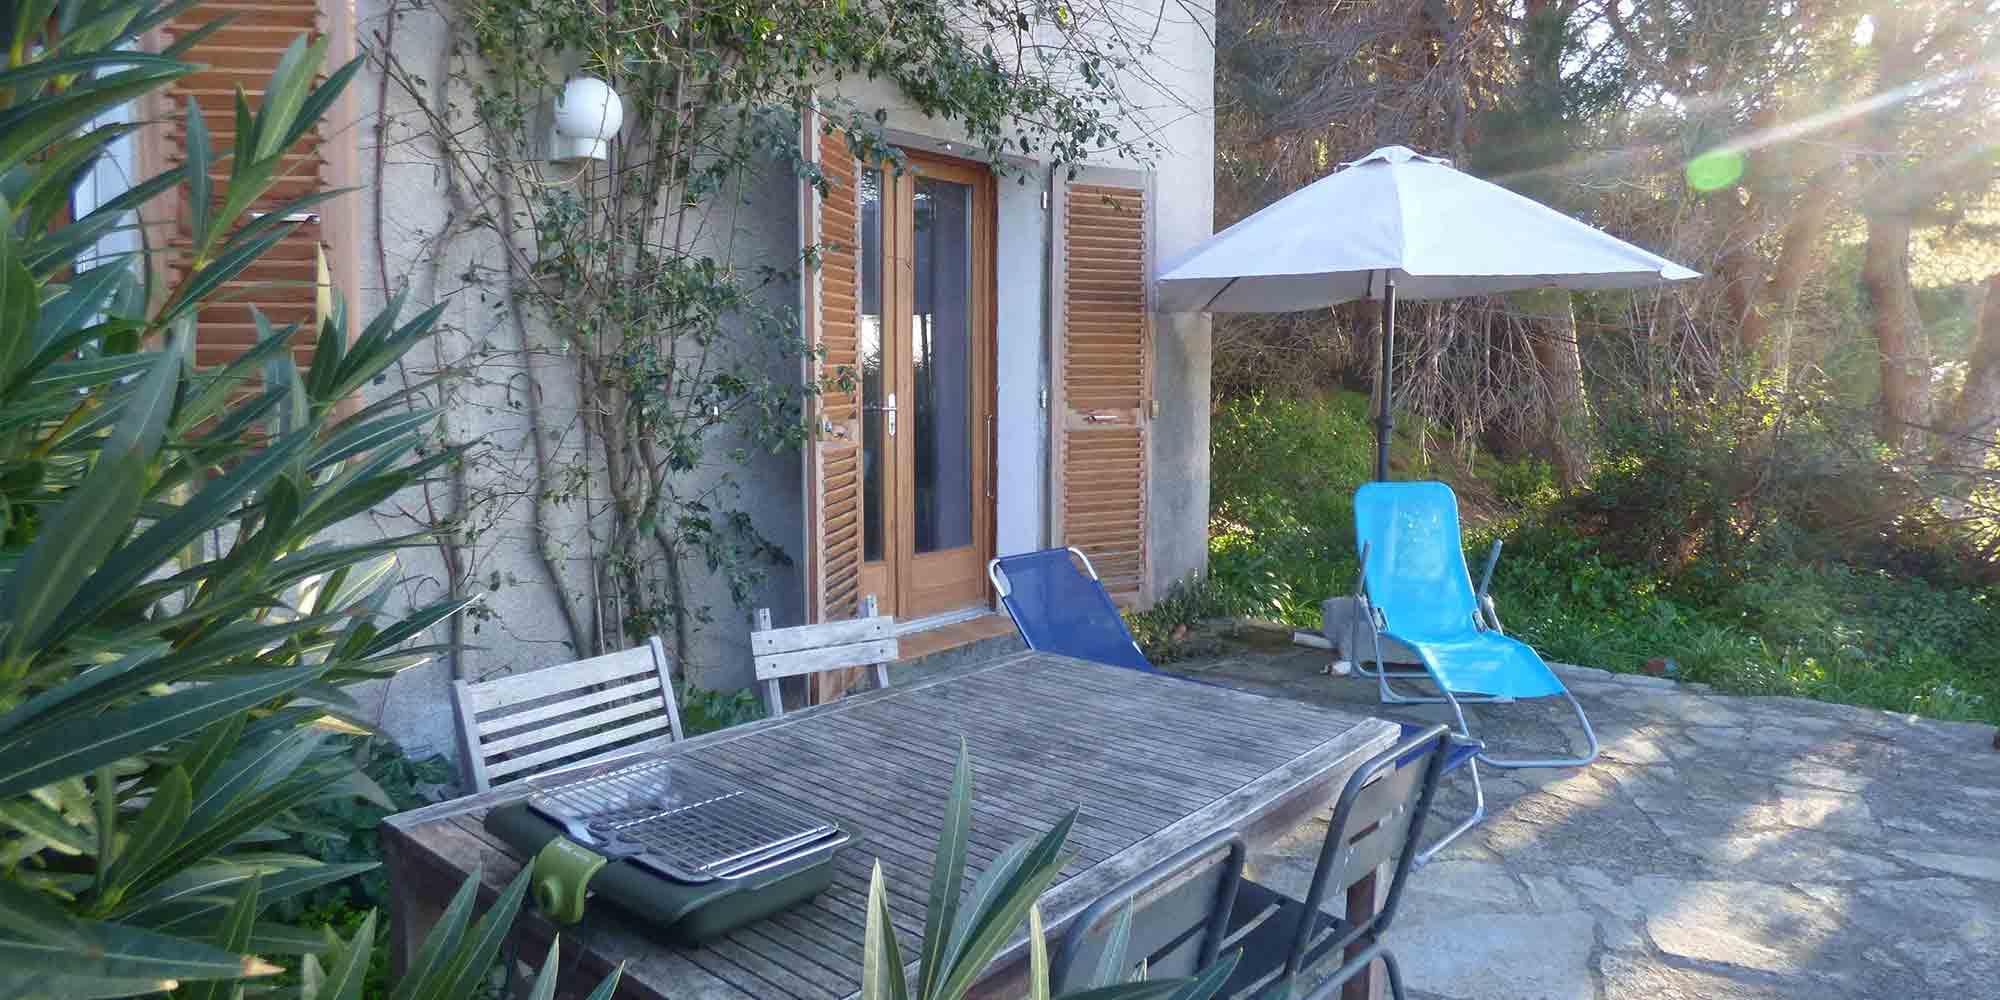 Giardino Di Una Casa affitto di vacanze in pino (capo corso - corsica) : sopra la